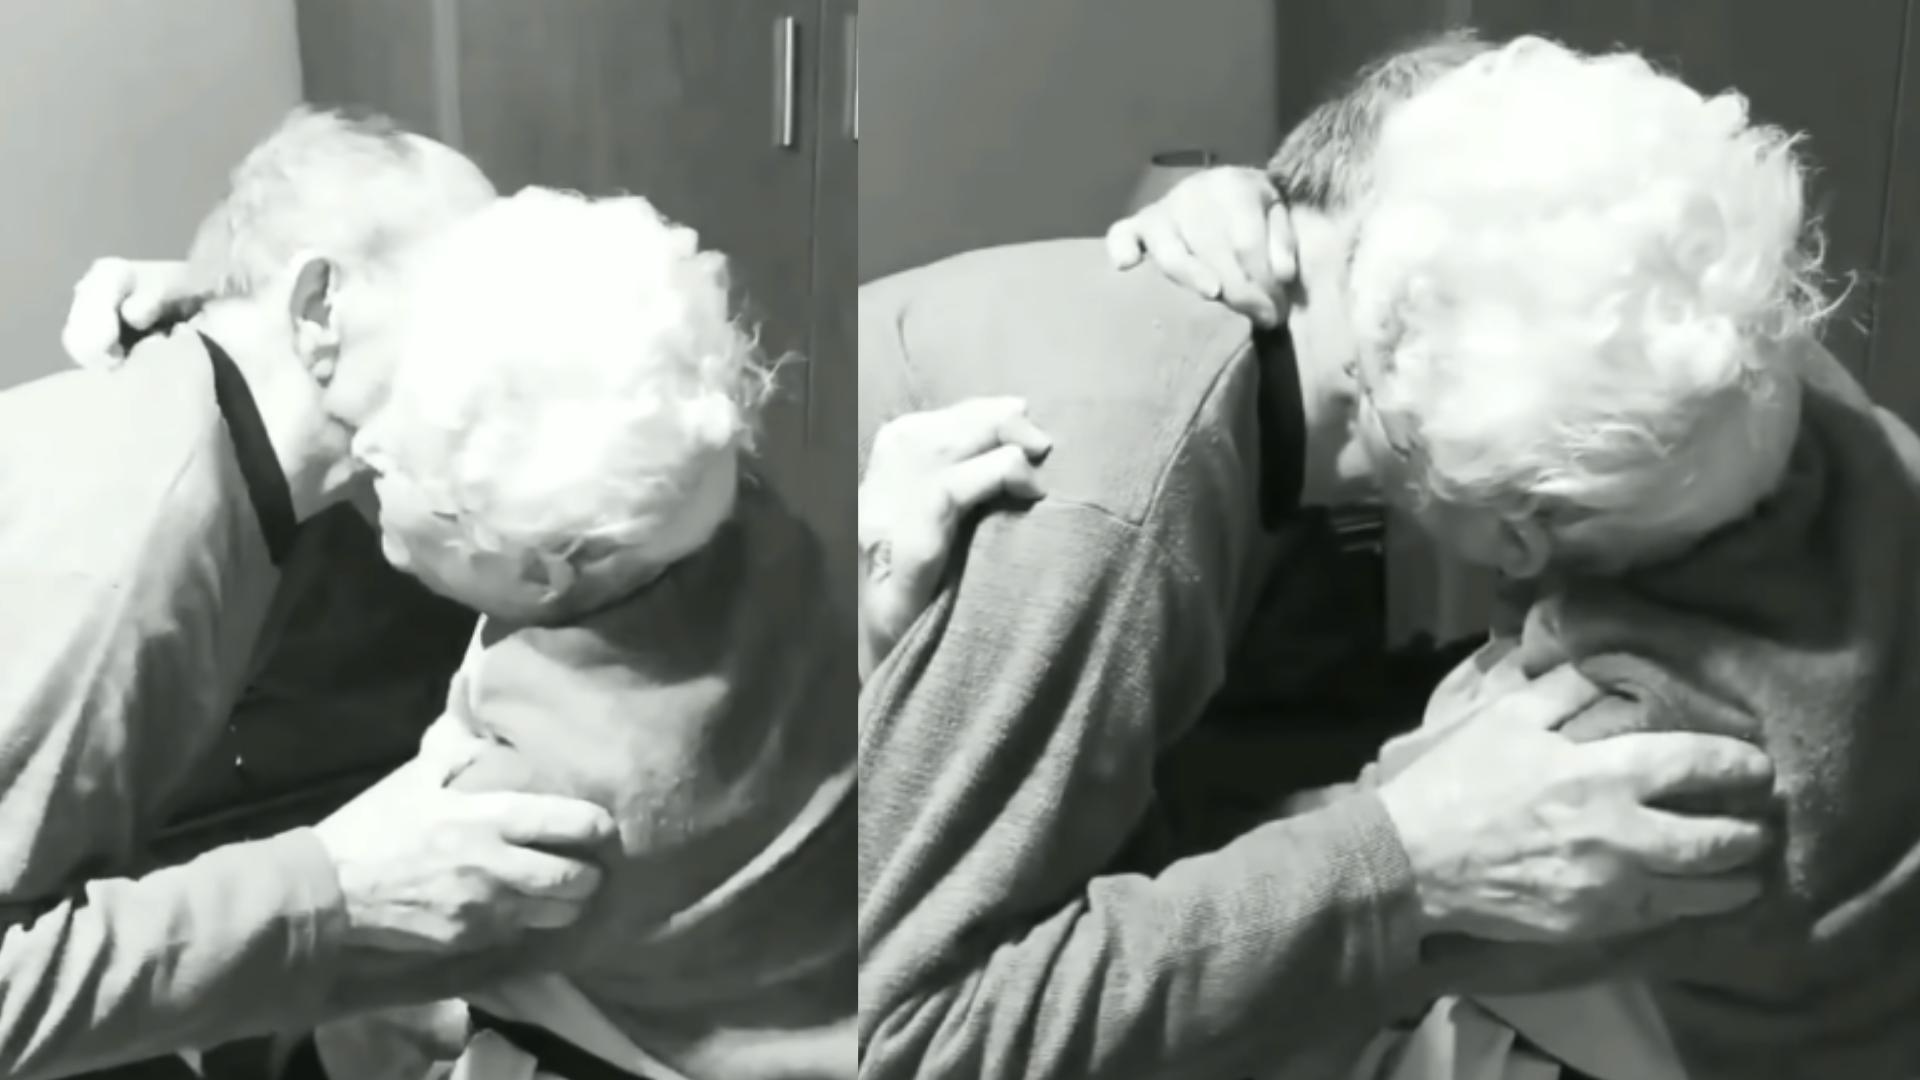 Abuelitos se reencuentran tras varias semanas sin verse y cumplir 66 años juntos